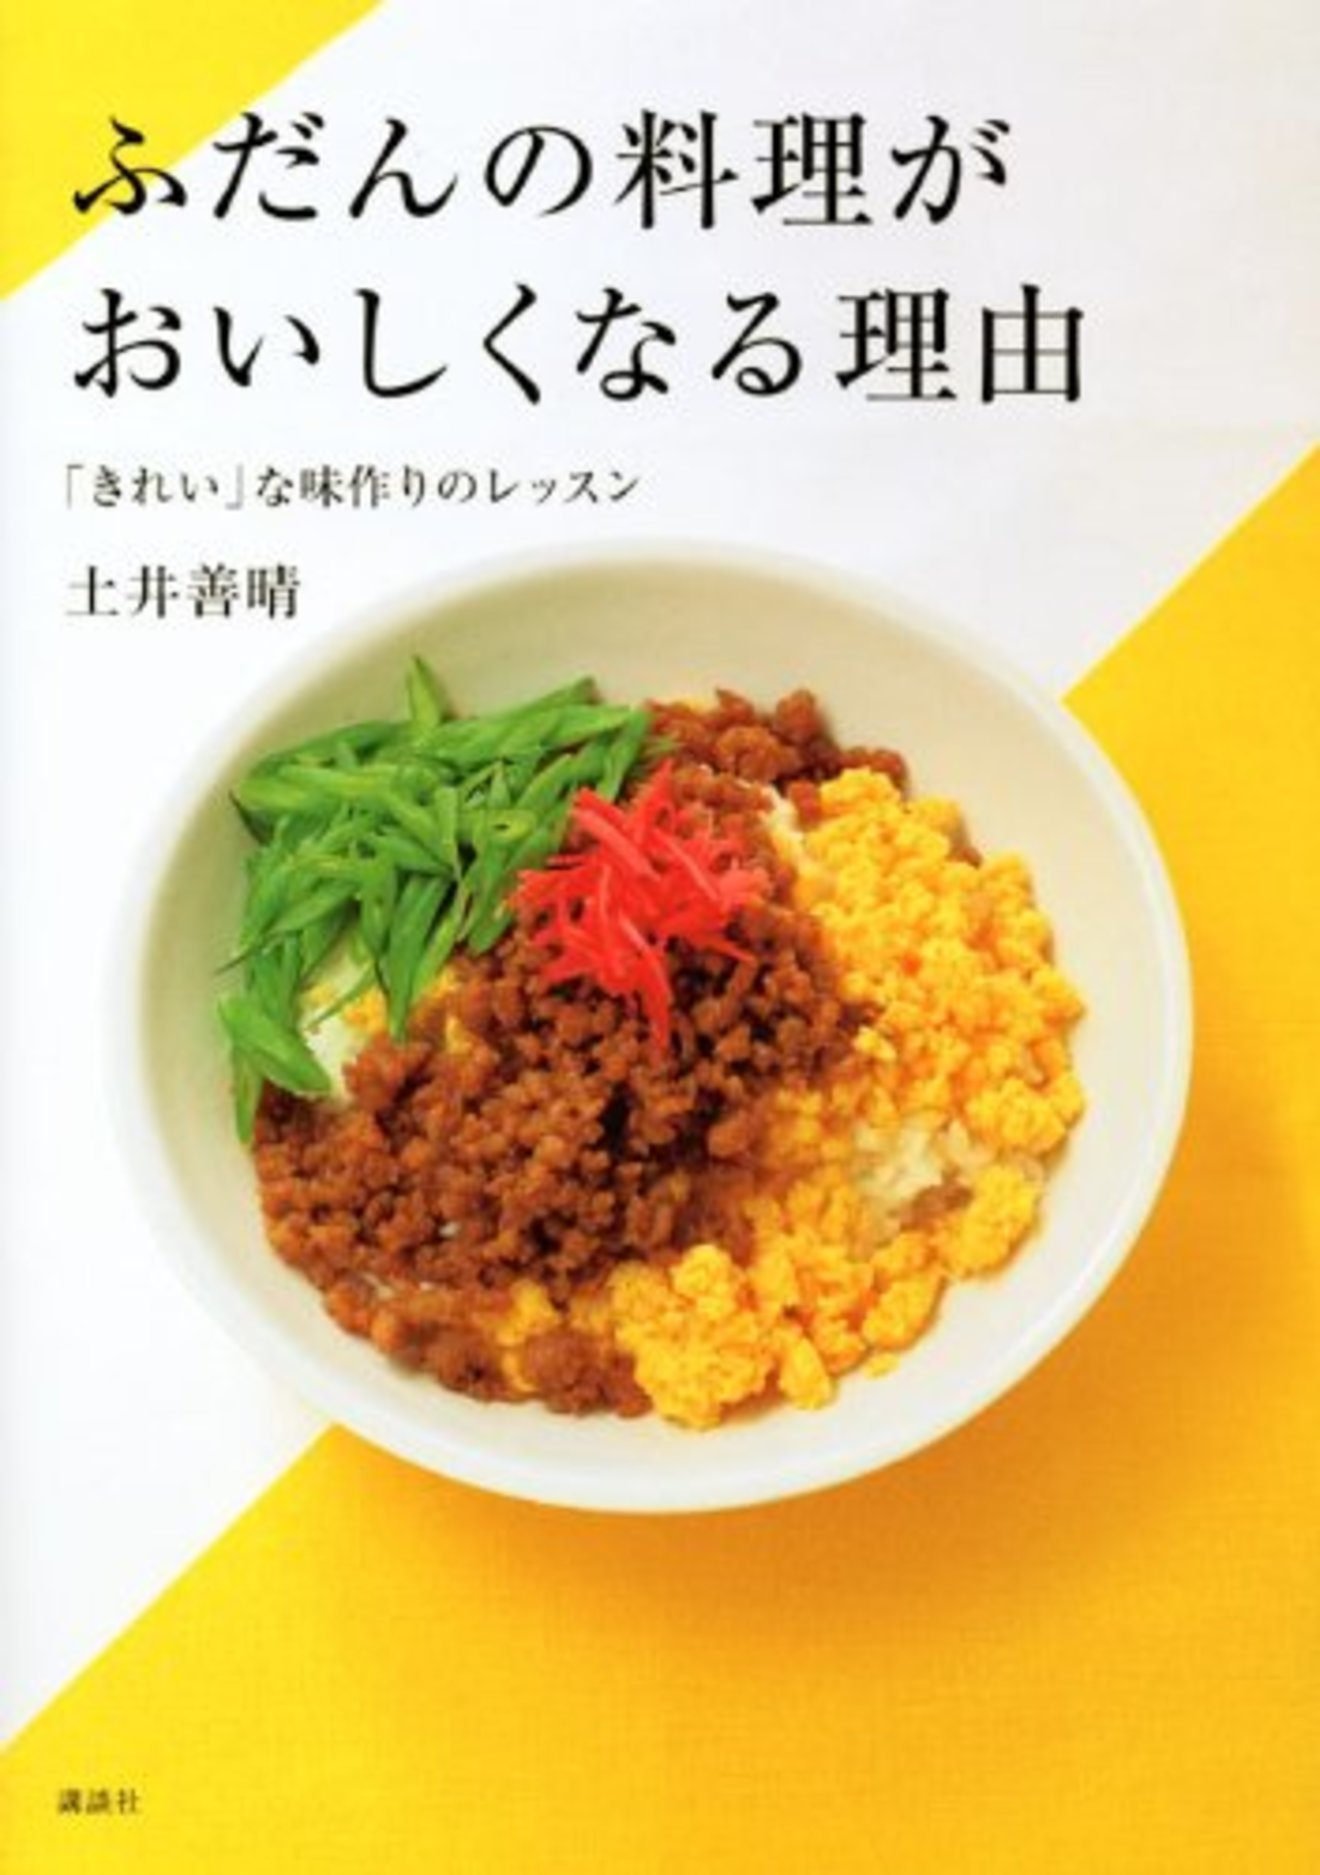 土井善晴のおすすめ本5選!毎日の食事を楽にするレシピって?